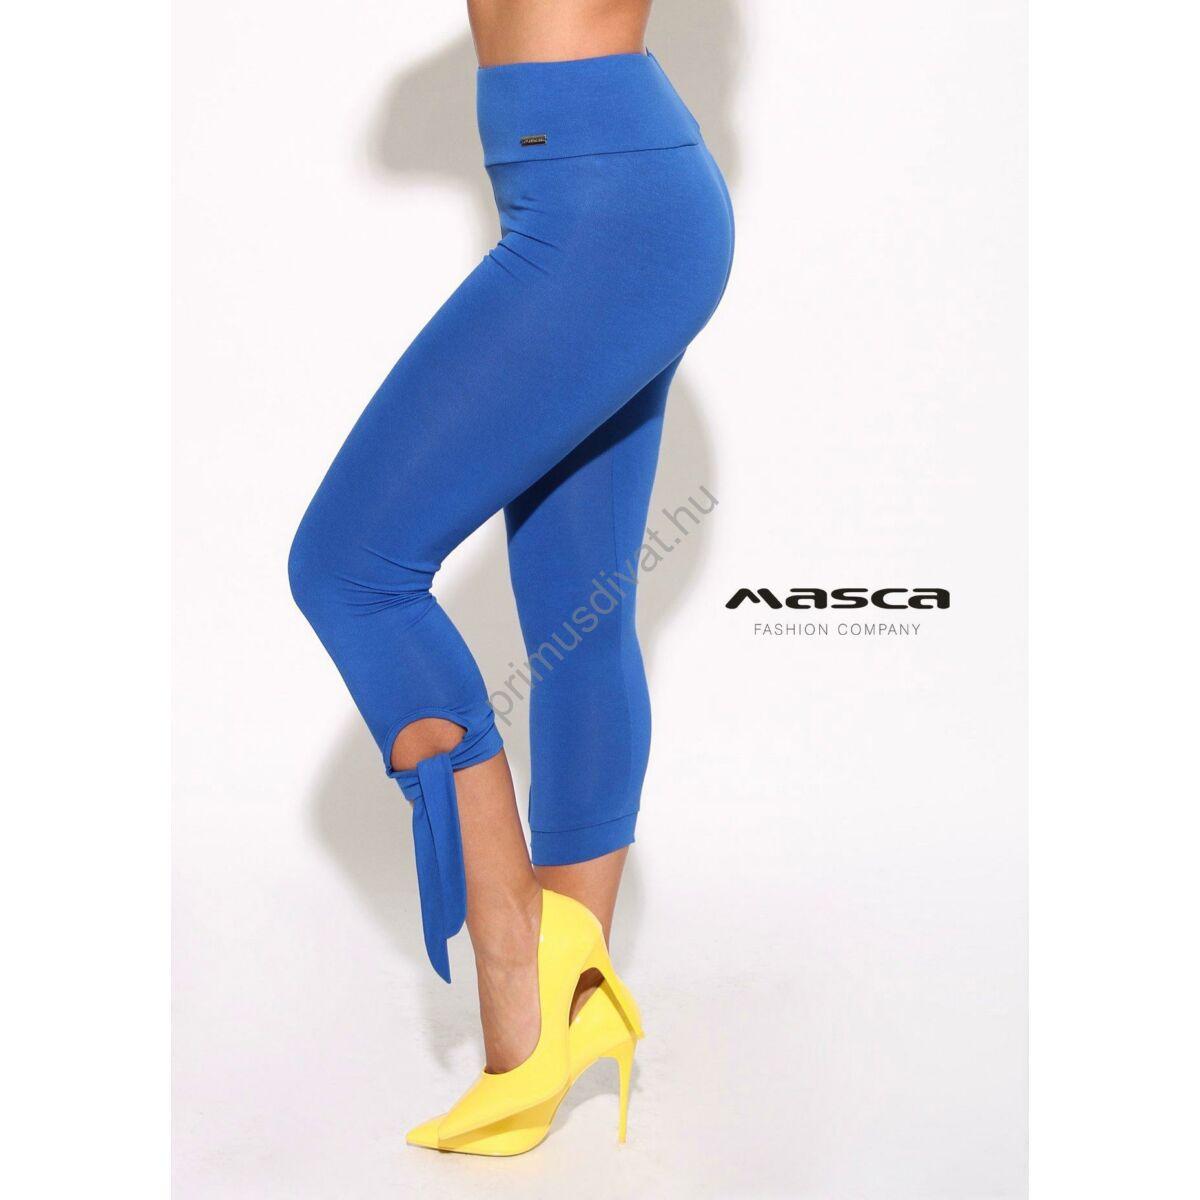 8a65c24a09 Kép 1/1 - Masca Fashion magasított derekú háromnegyedes királykék cicanadrág,  leggings, szárán megkötővel